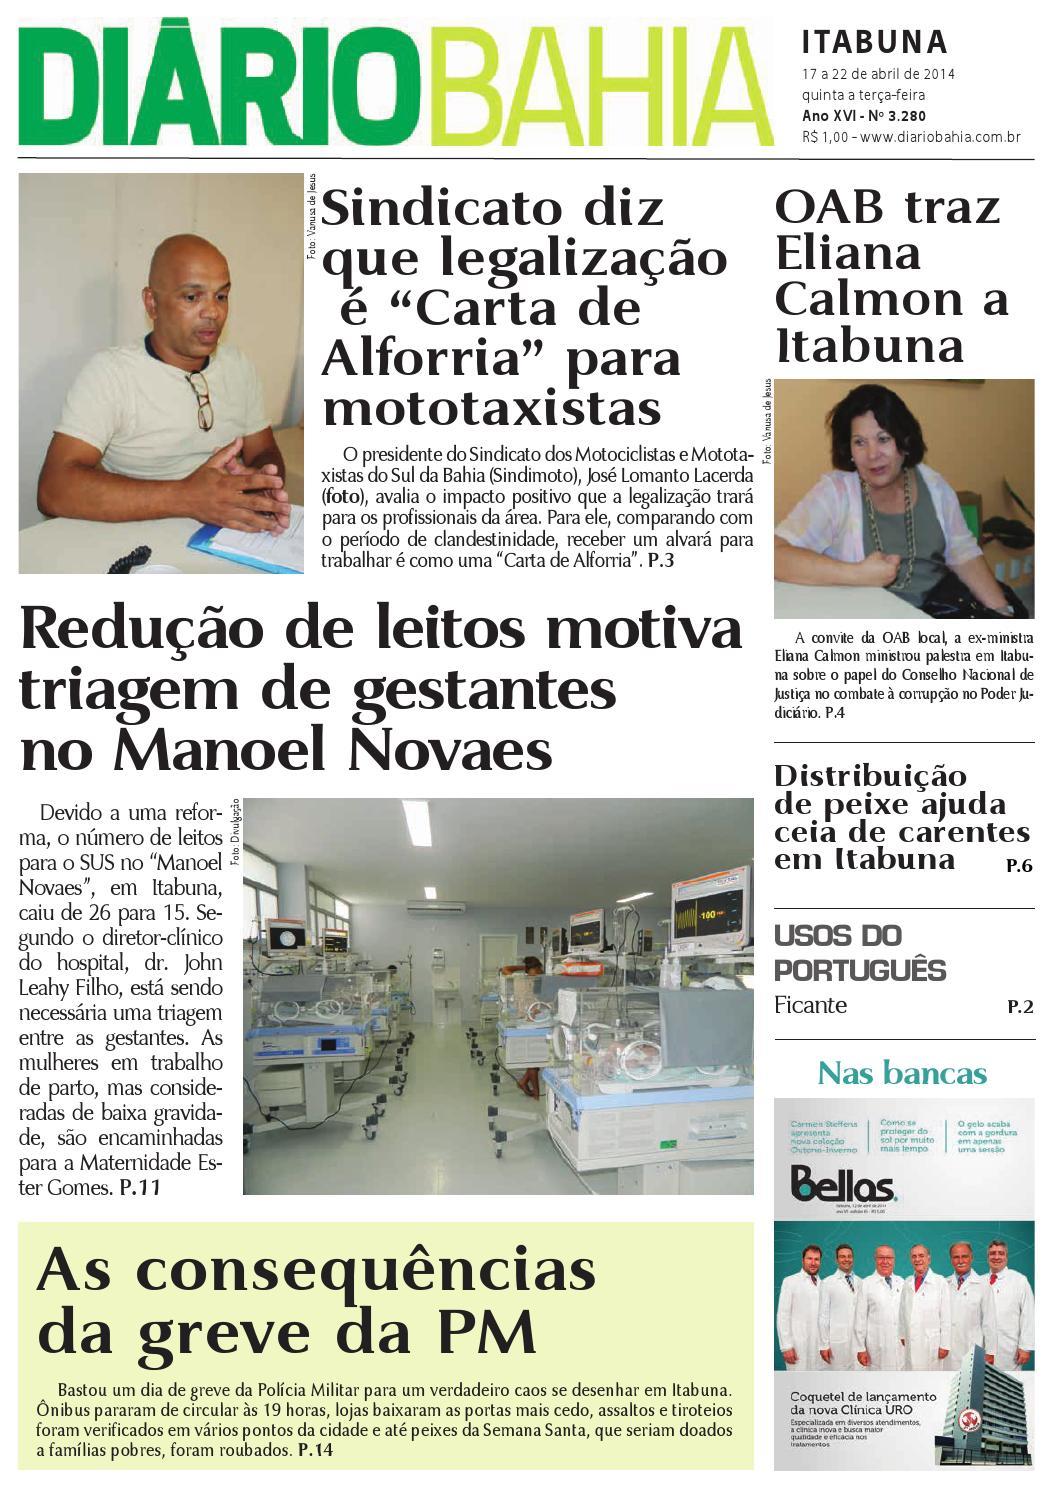 7f302236f 17 04 2014 by Diario Bahia - issuu